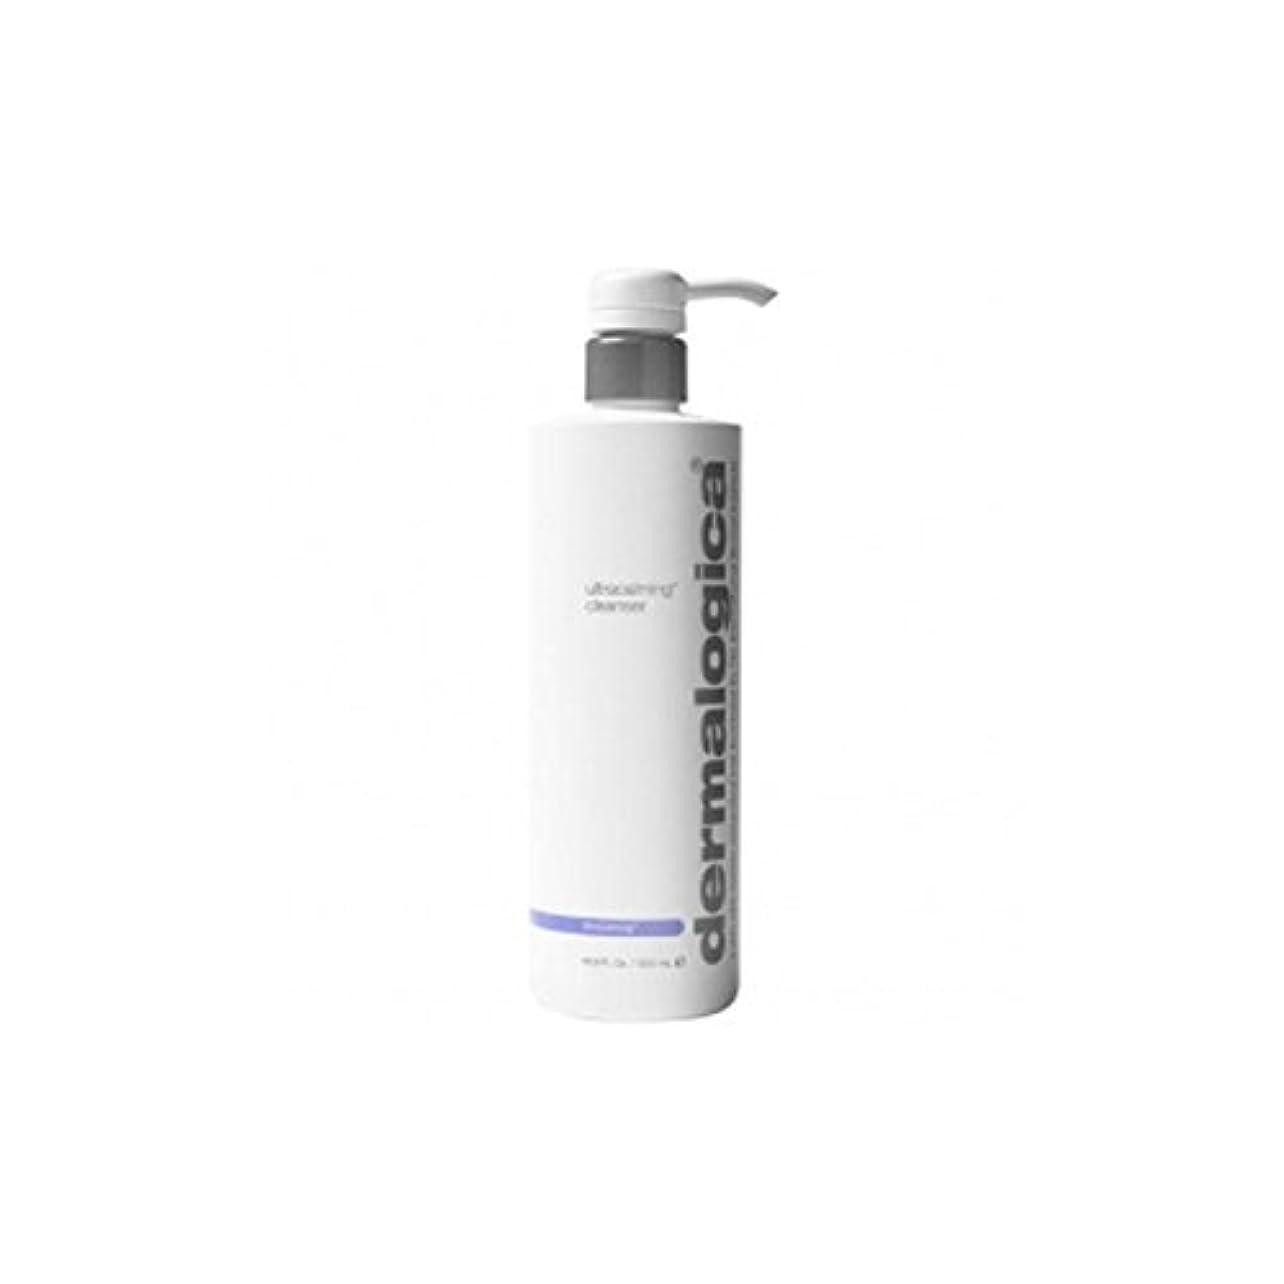 のぞき見先に勝者ダーマロジカクレンザー(500ミリリットル) x4 - Dermalogica Ultracalming Cleanser (500ml) (Pack of 4) [並行輸入品]